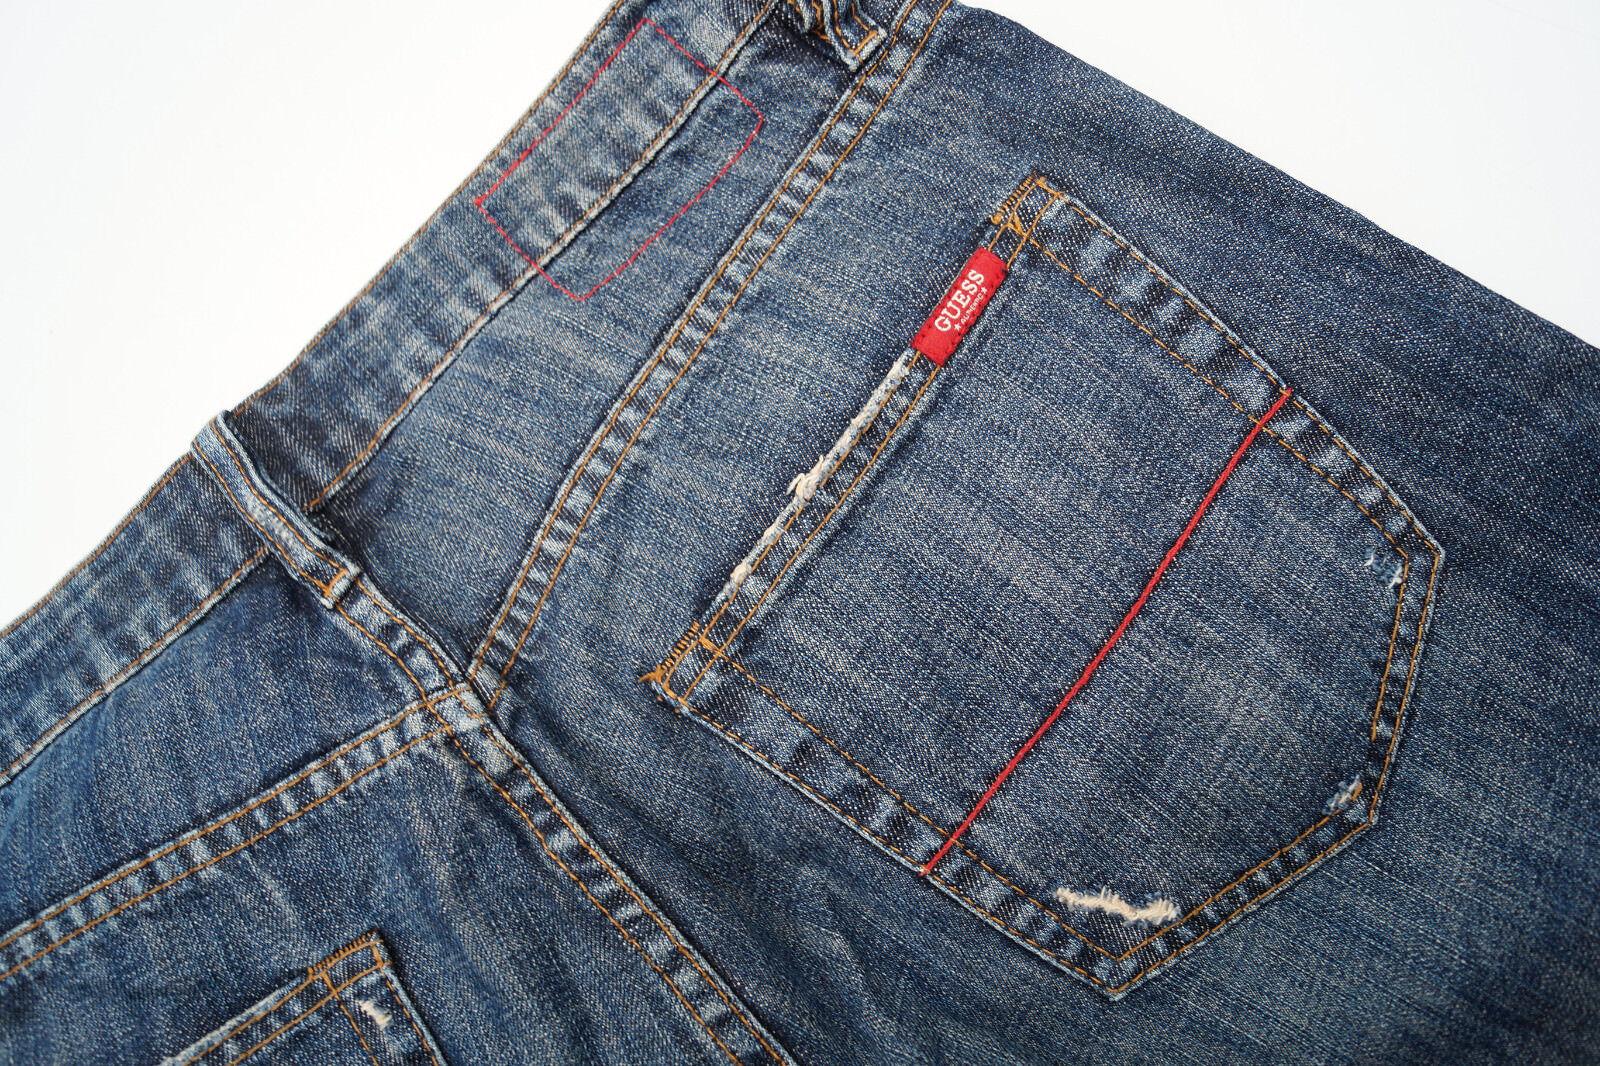 GUESS Sunset Herren Men Jeans Hose 31 34 W31 L34 stone wash blau used Risse  N  | Ausgezeichnetes Handwerk  | Ausreichende Versorgung  | Deutschland Berlin